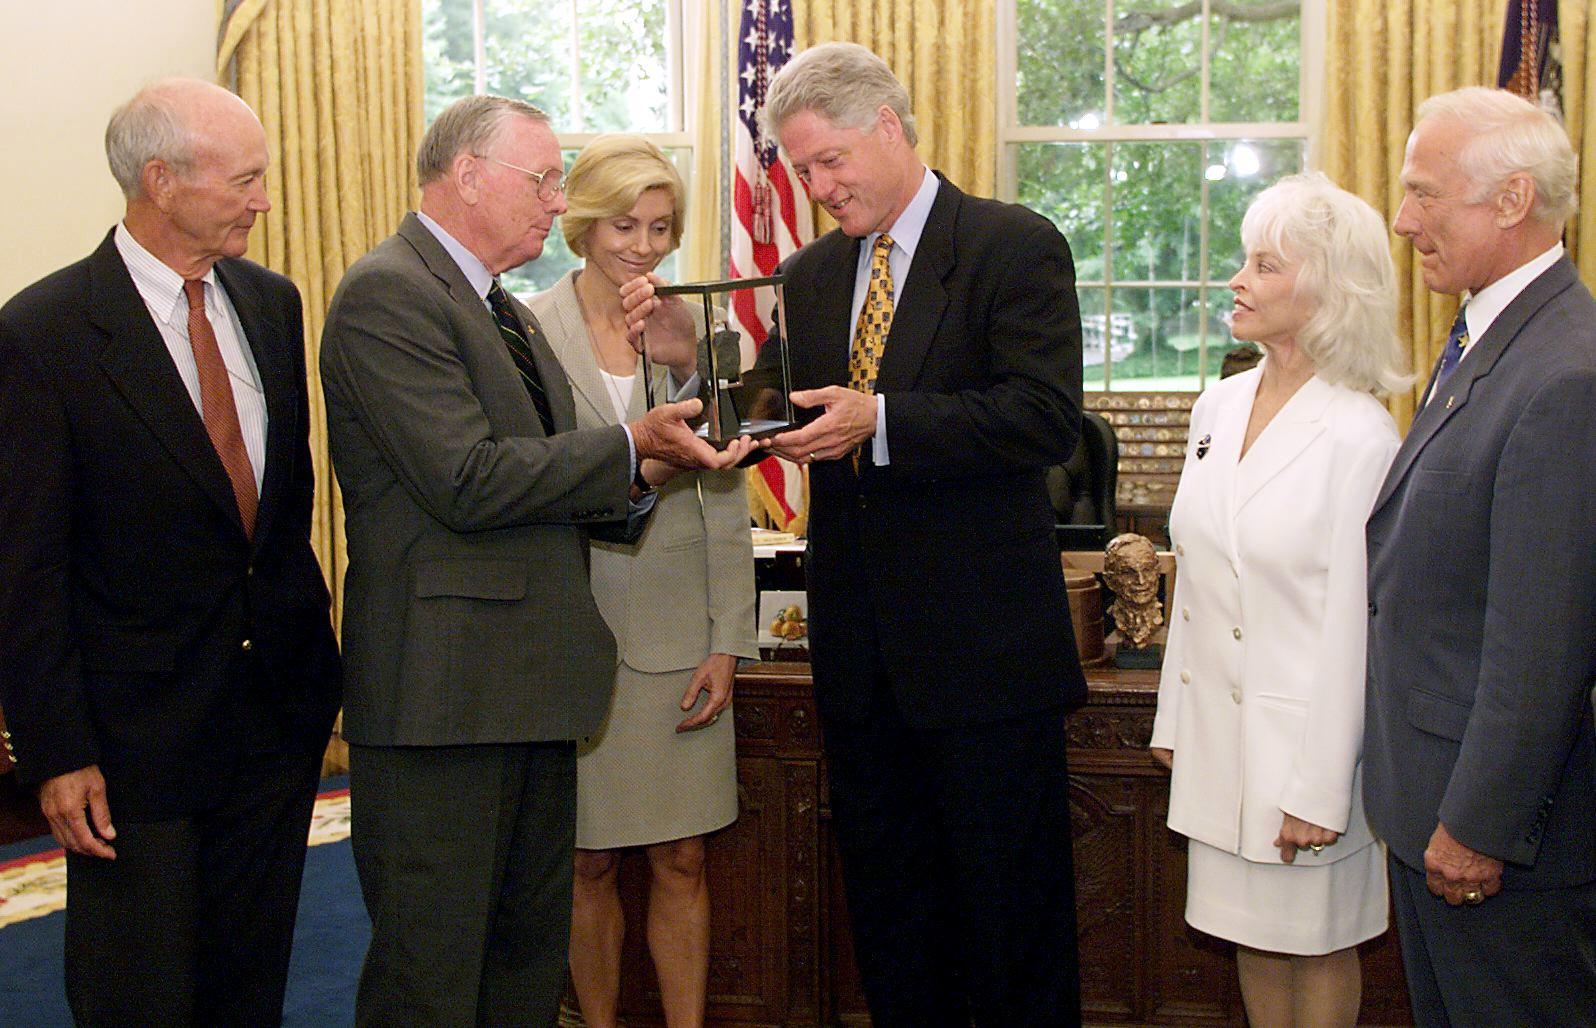 Le président Bill Clinton (au centre) reçoit un rocher lunaire par l'astronaute d'Apollo 11 Neil Armstrong et sa femme, Carol Armstrong, aux côtés des coéquipiers d'Apollo 11 Michael Collins (extrême gauche) et Buzz Aldrin (à droite) et de sa femme Lois Aldrin, dans le bureau ovale sur 20 juillet 1999.